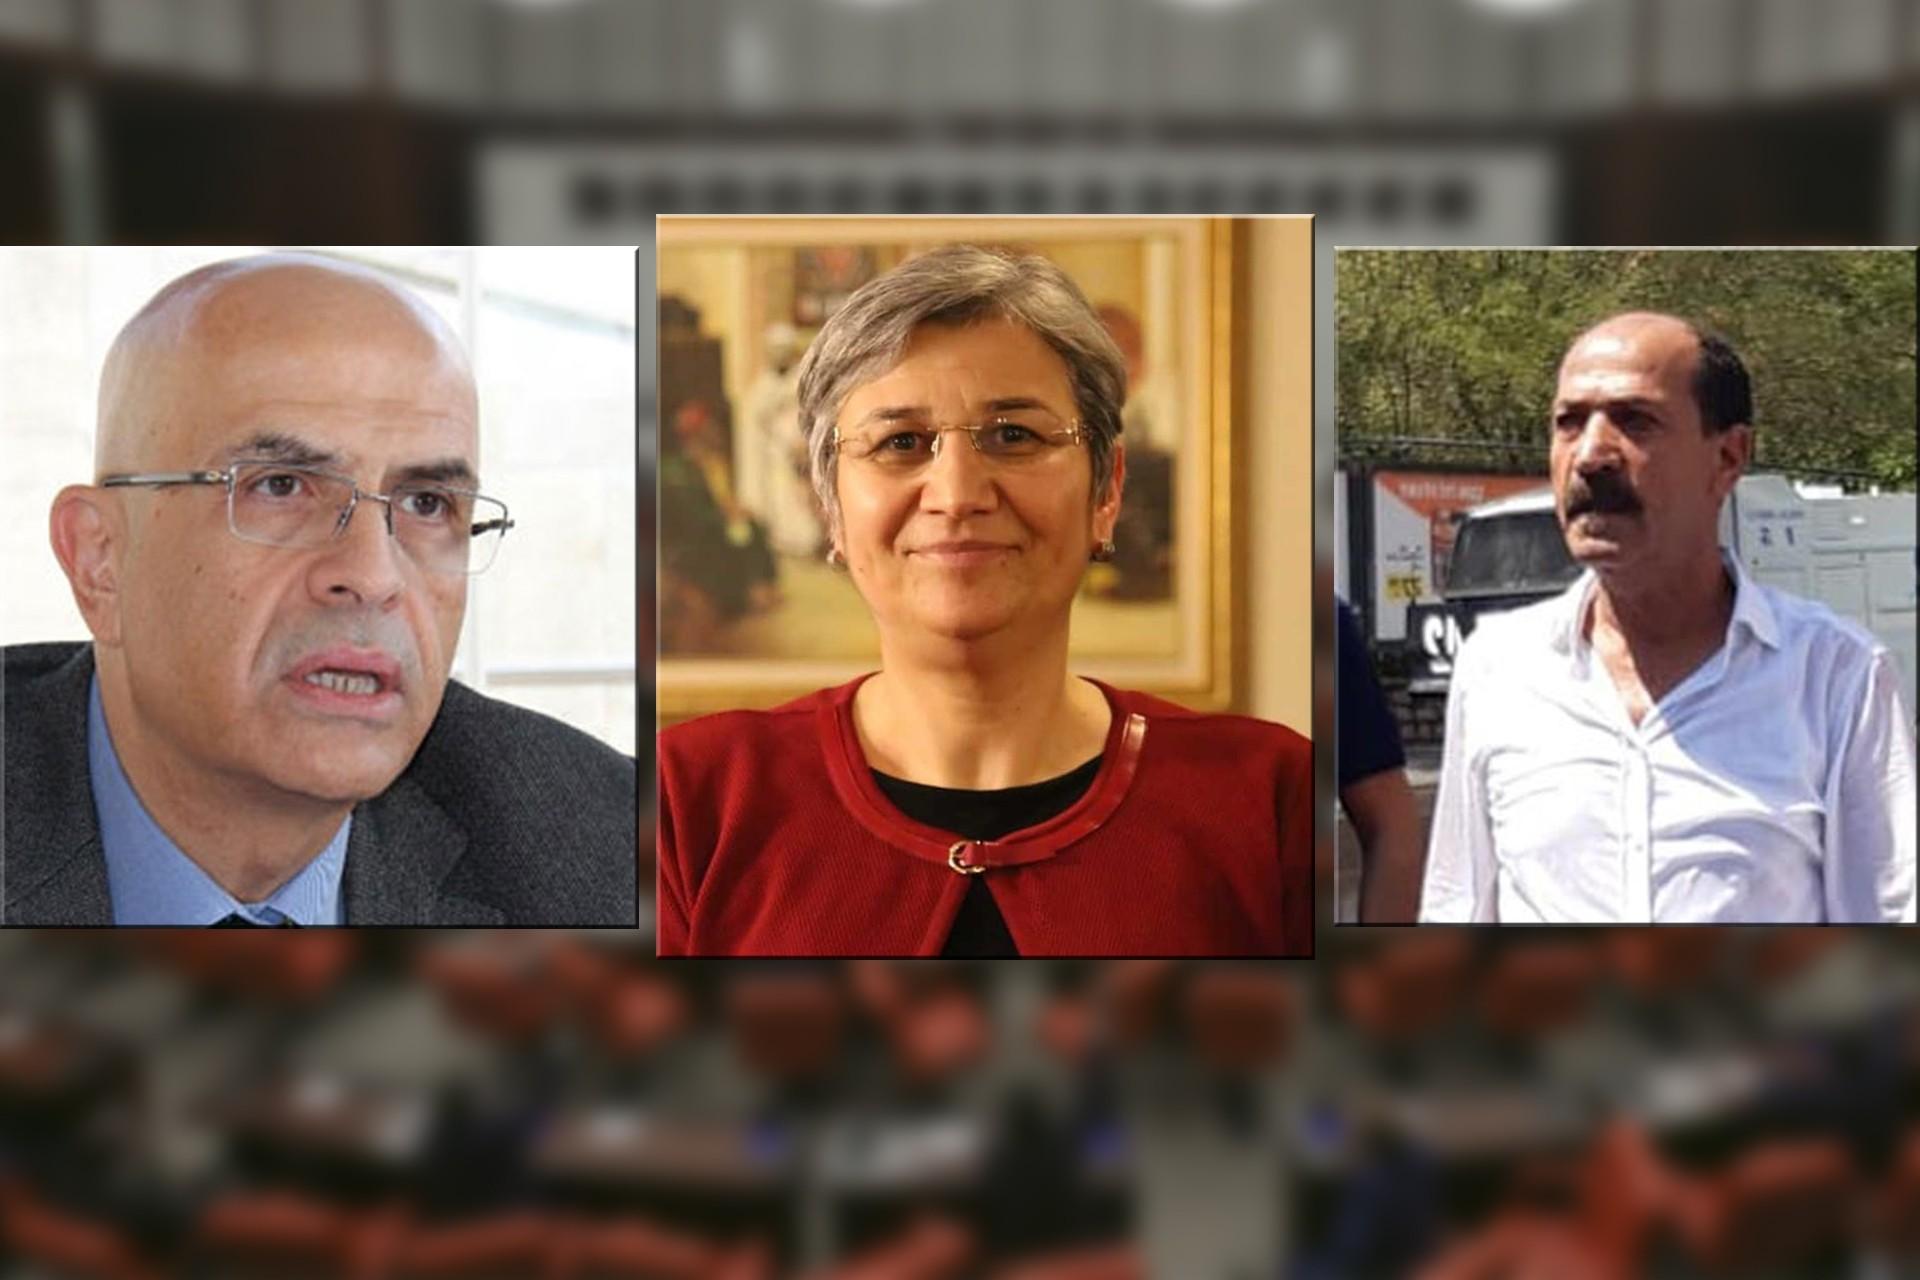 Milletvekillikleri düşürülen Enis Berberoğlu, Leyla Güven ve Musa Farisoğlulları'nın fotoğrafları.